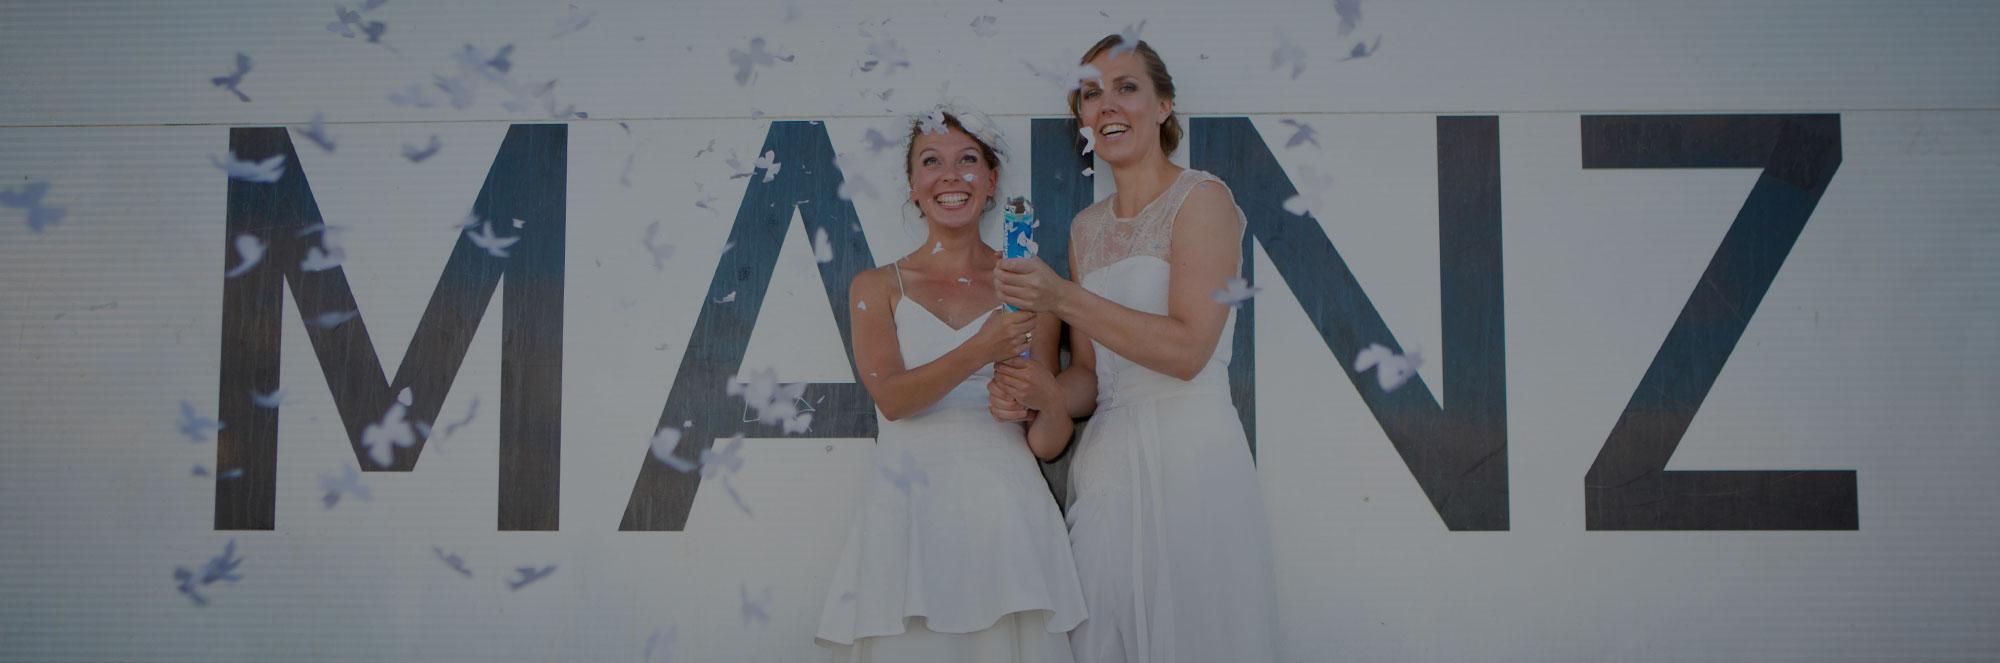 Hochzeitspaar in weißen Kleidern